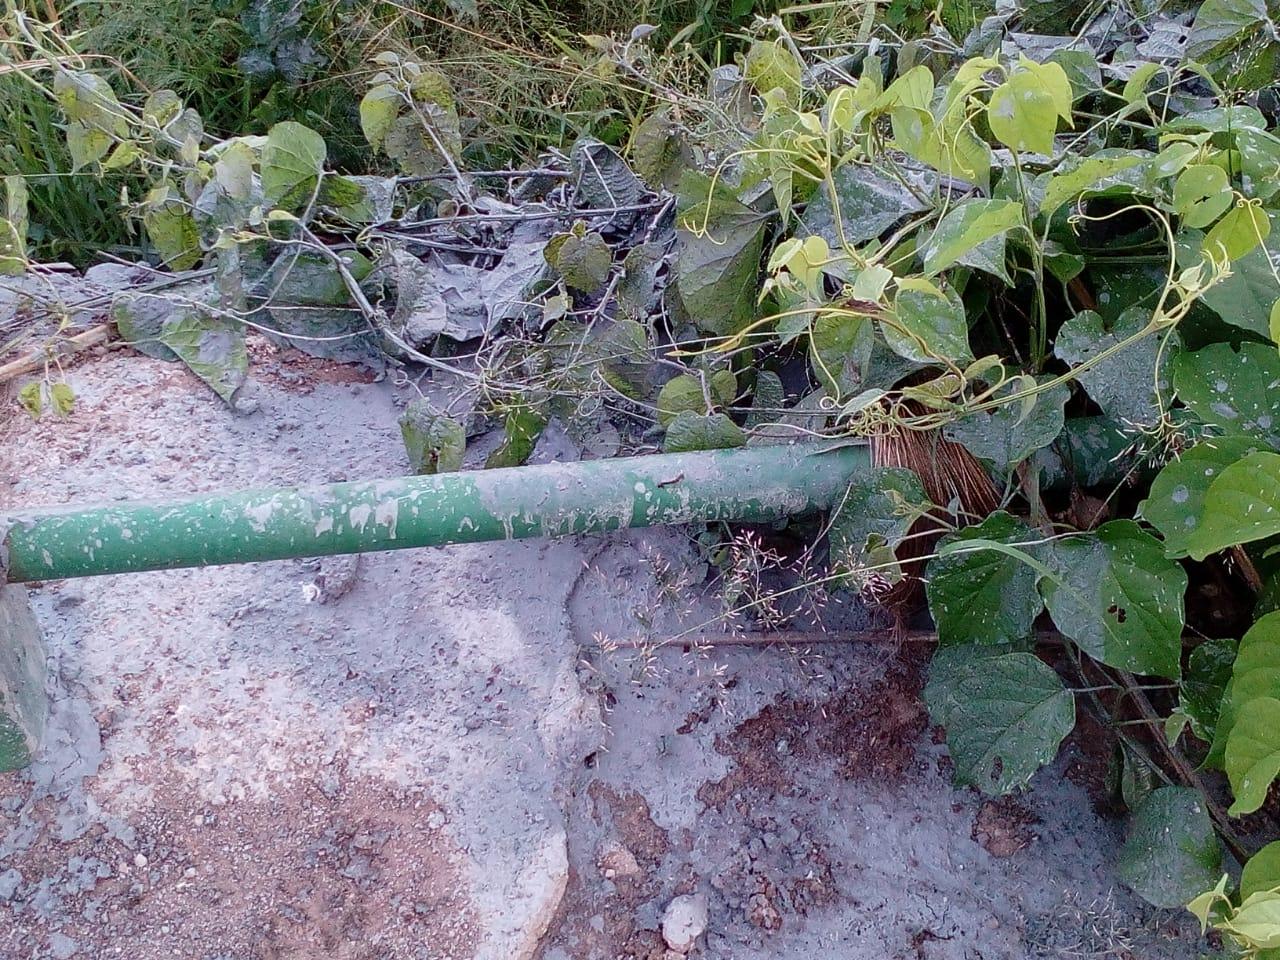 Este es el terreno en donde las comunidades denuncian que personal de Albán tiró las aguas grises del Restaurante Las Palmeras. El daño ambiental se registró el 13 de agosto de 2020. Foto: cortesía.